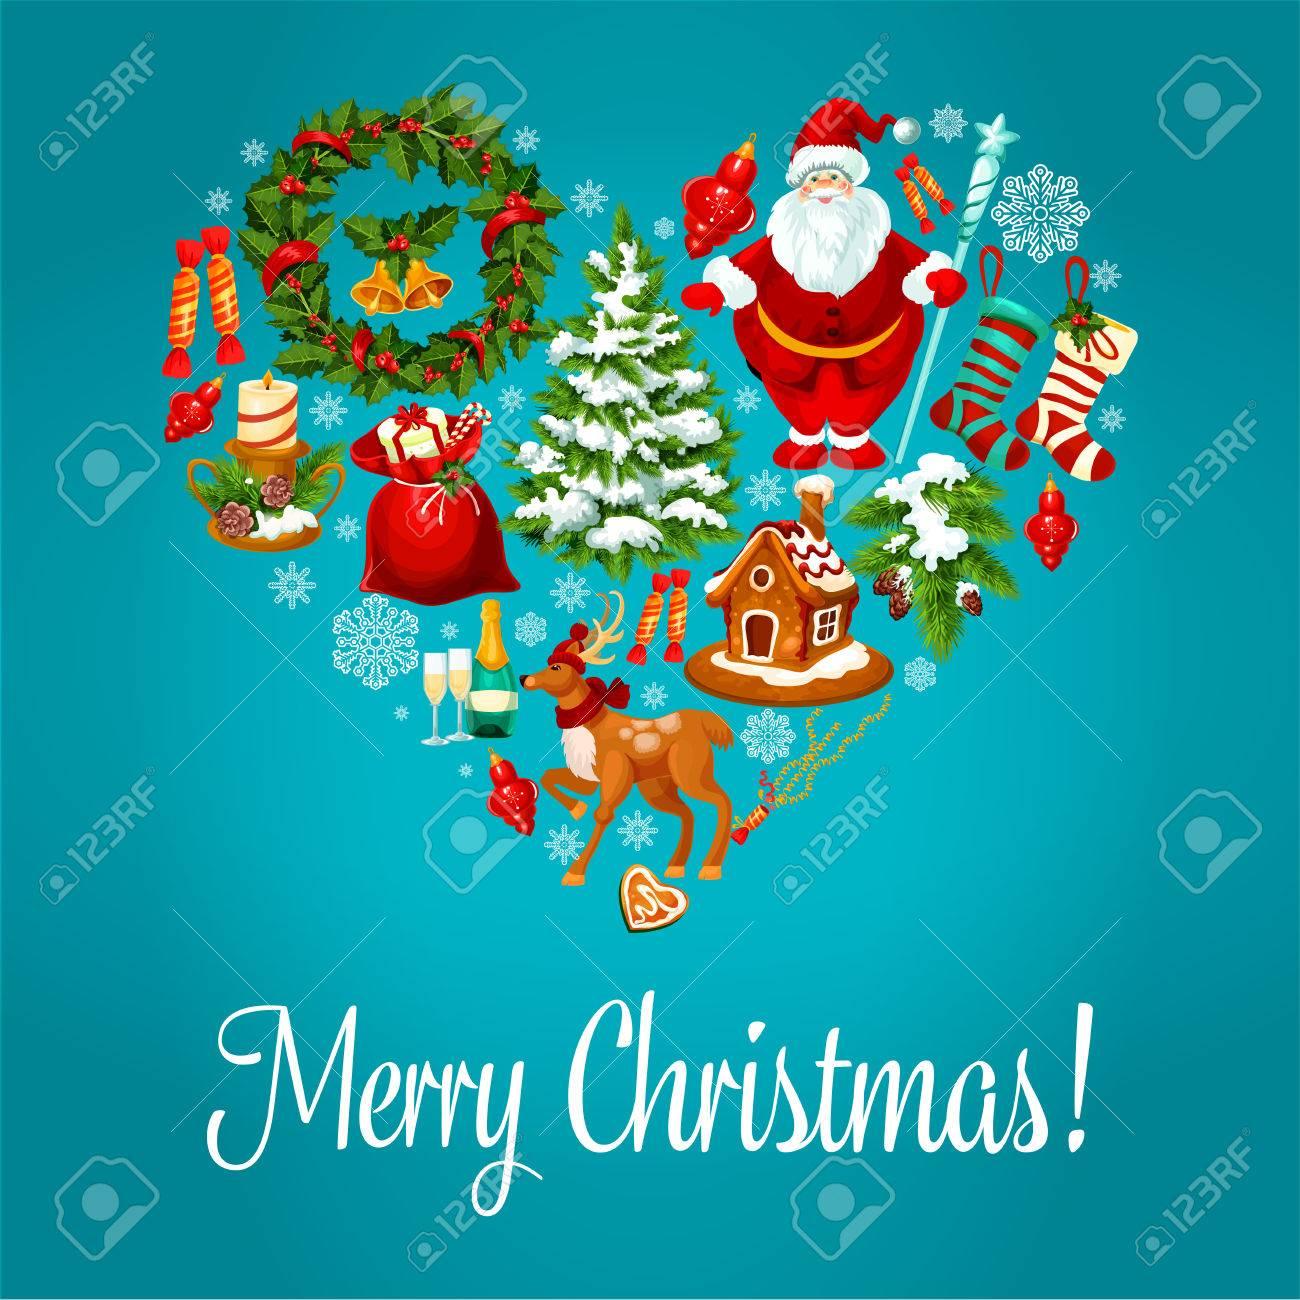 Fröhliche Weihnachten. Vektorgruß Mit Weihnachtssymbolen In Der ...